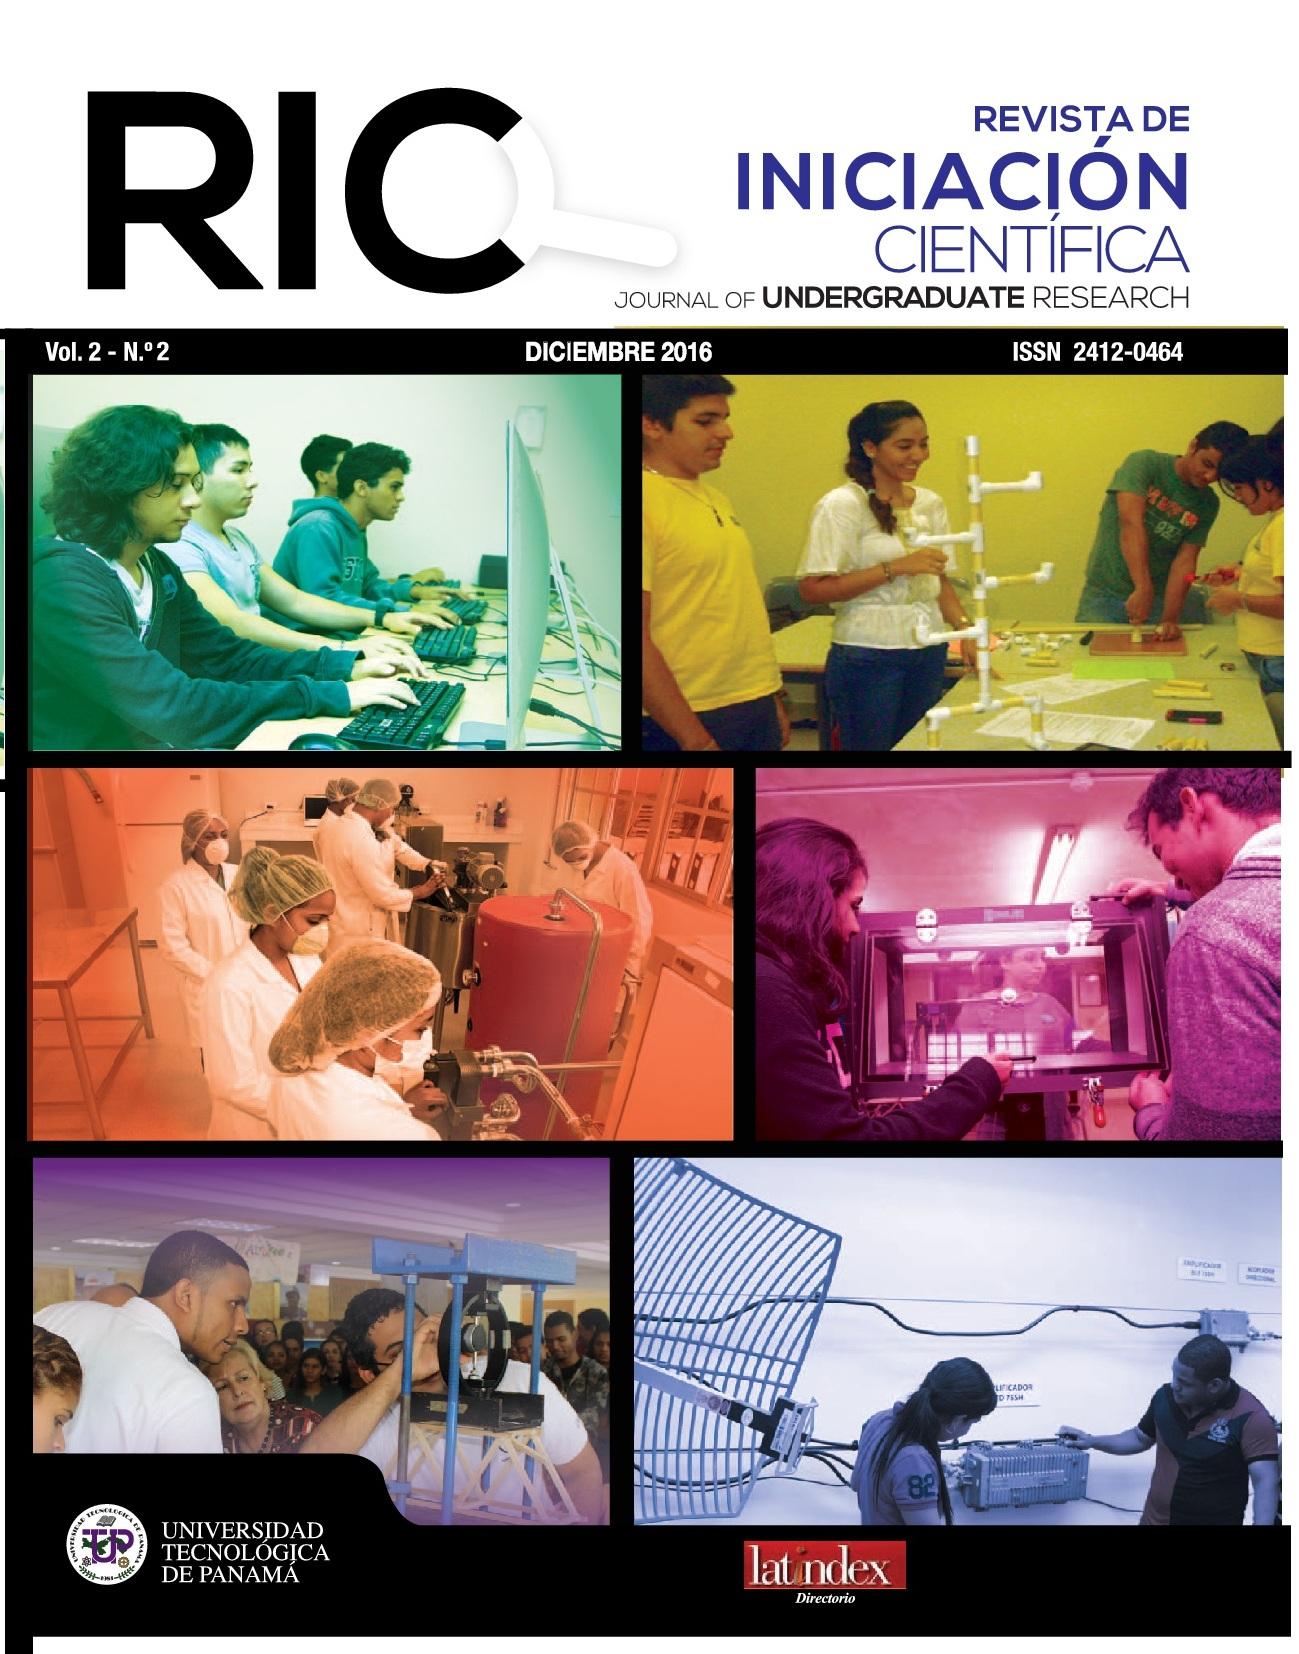 revista de iniciacin cientfica